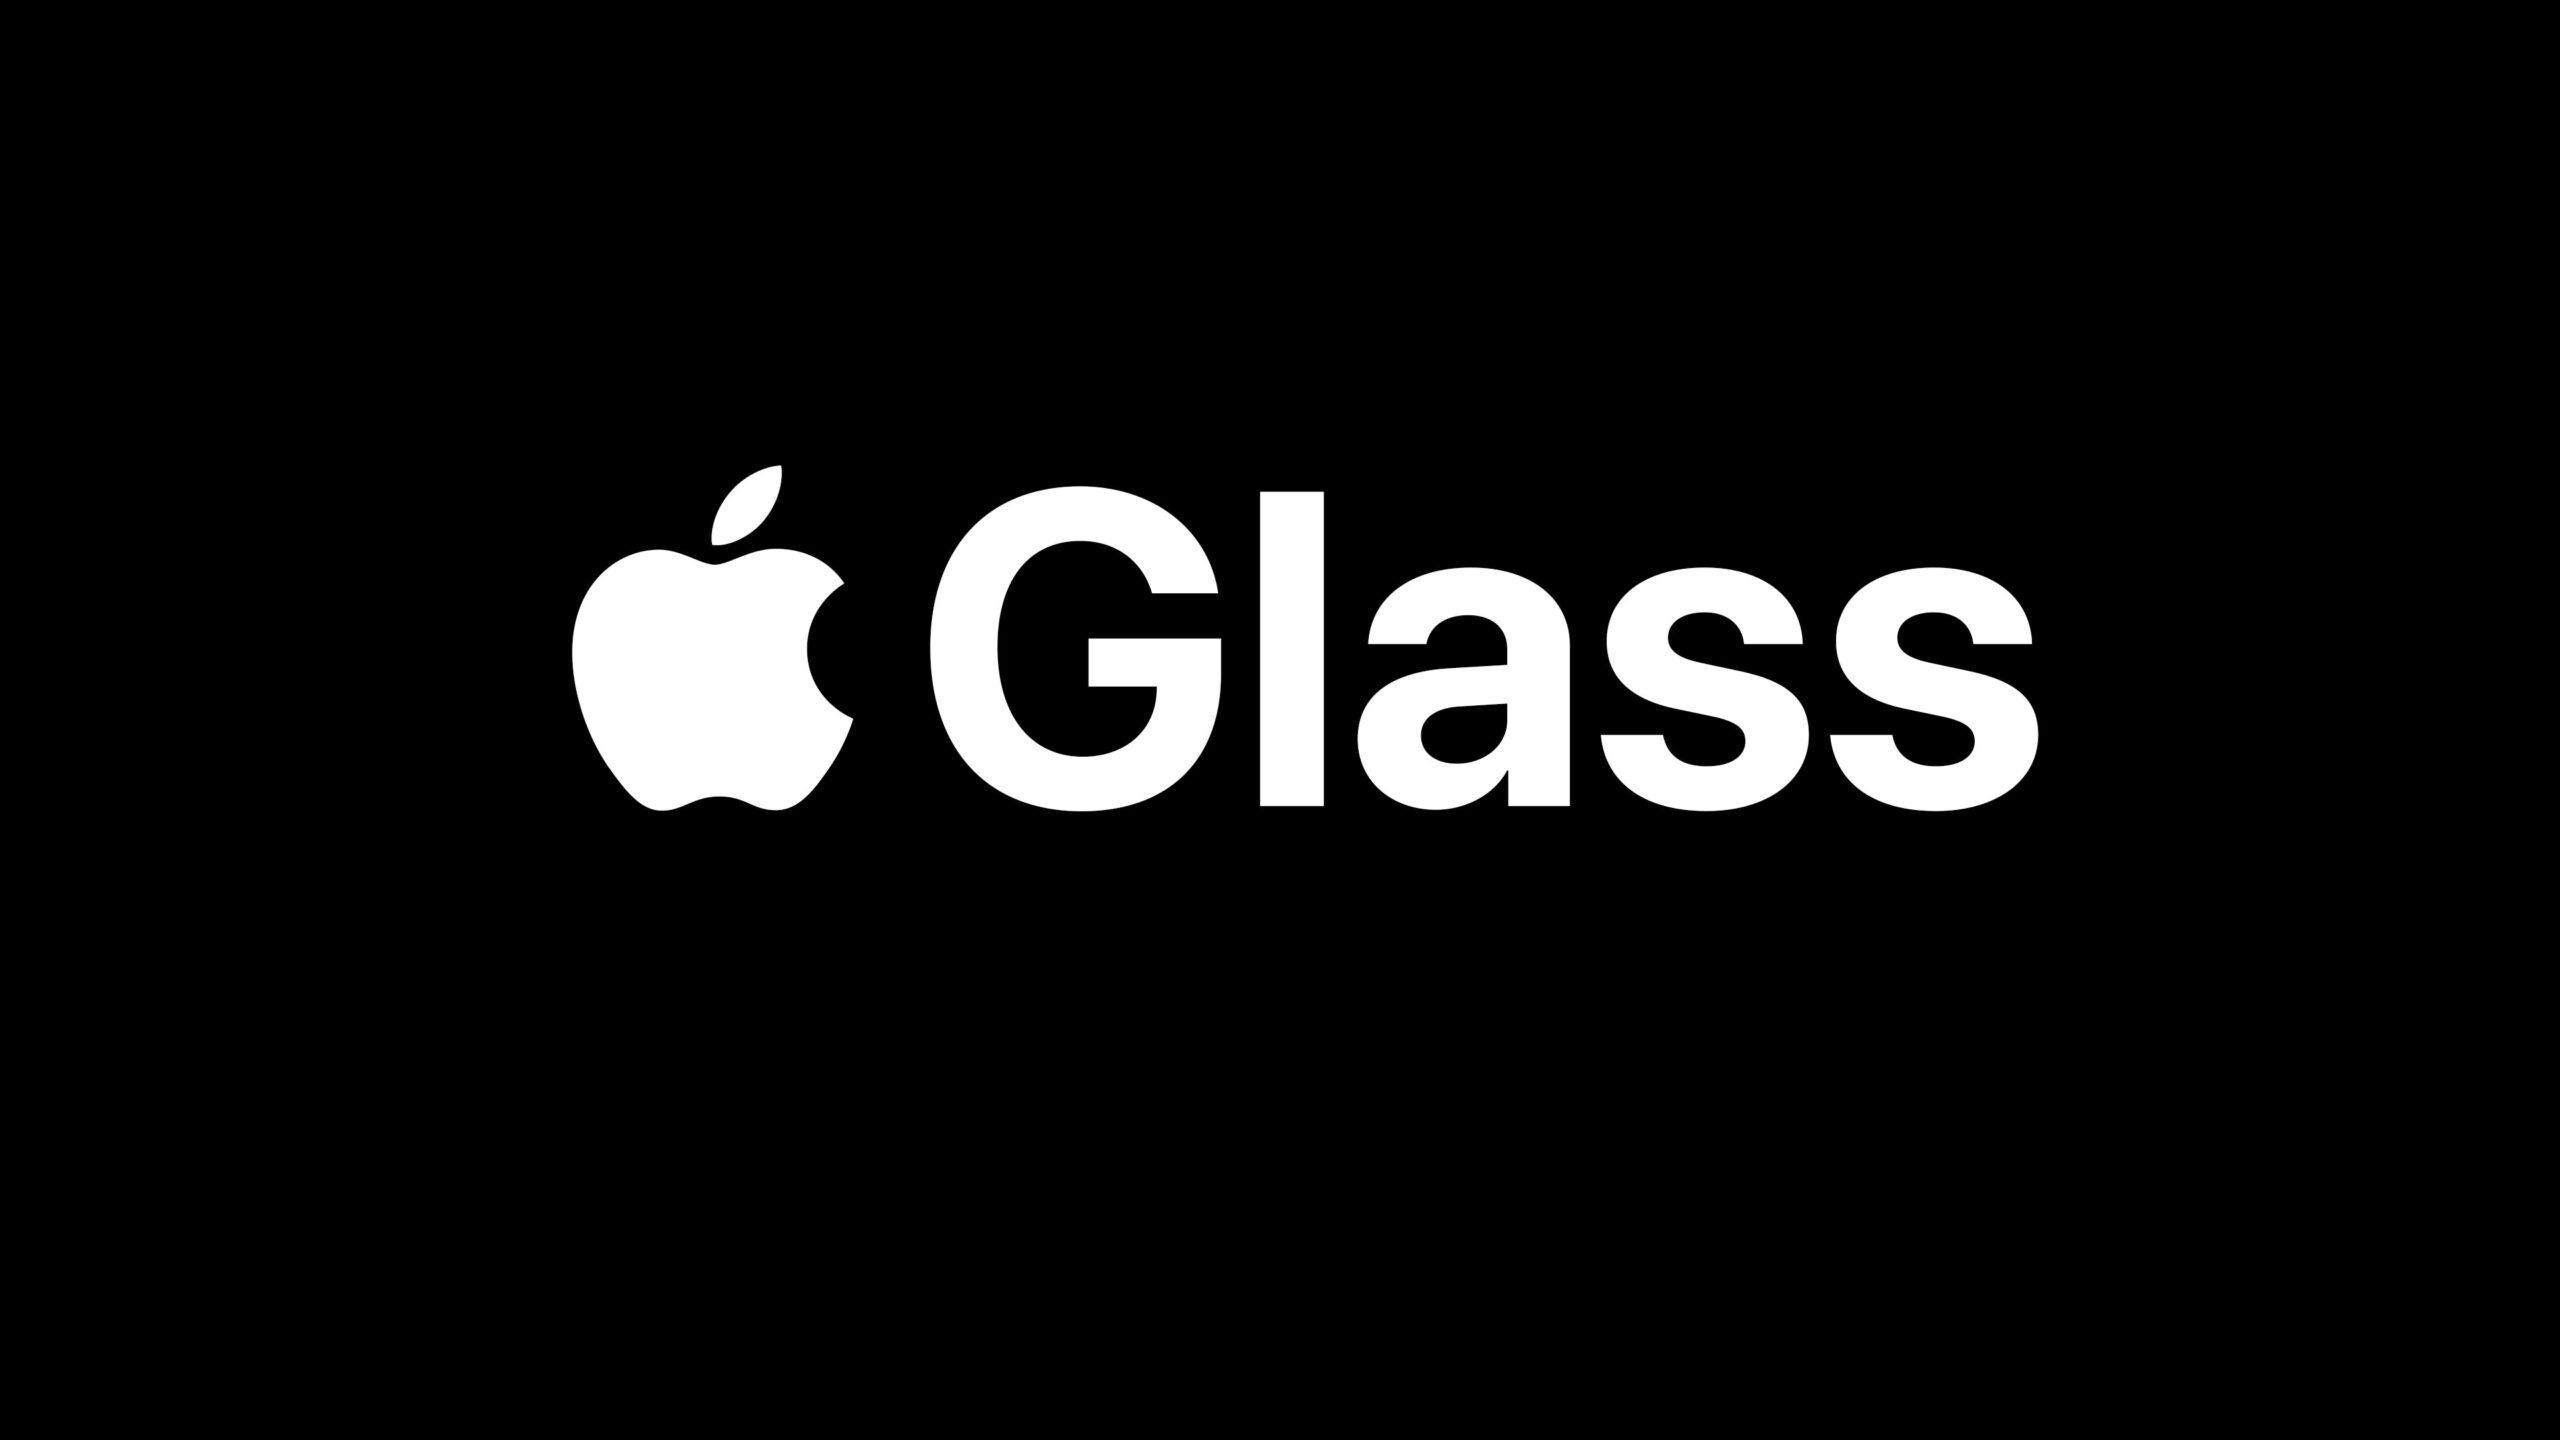 Logo comercial fictícia do Apple Glass